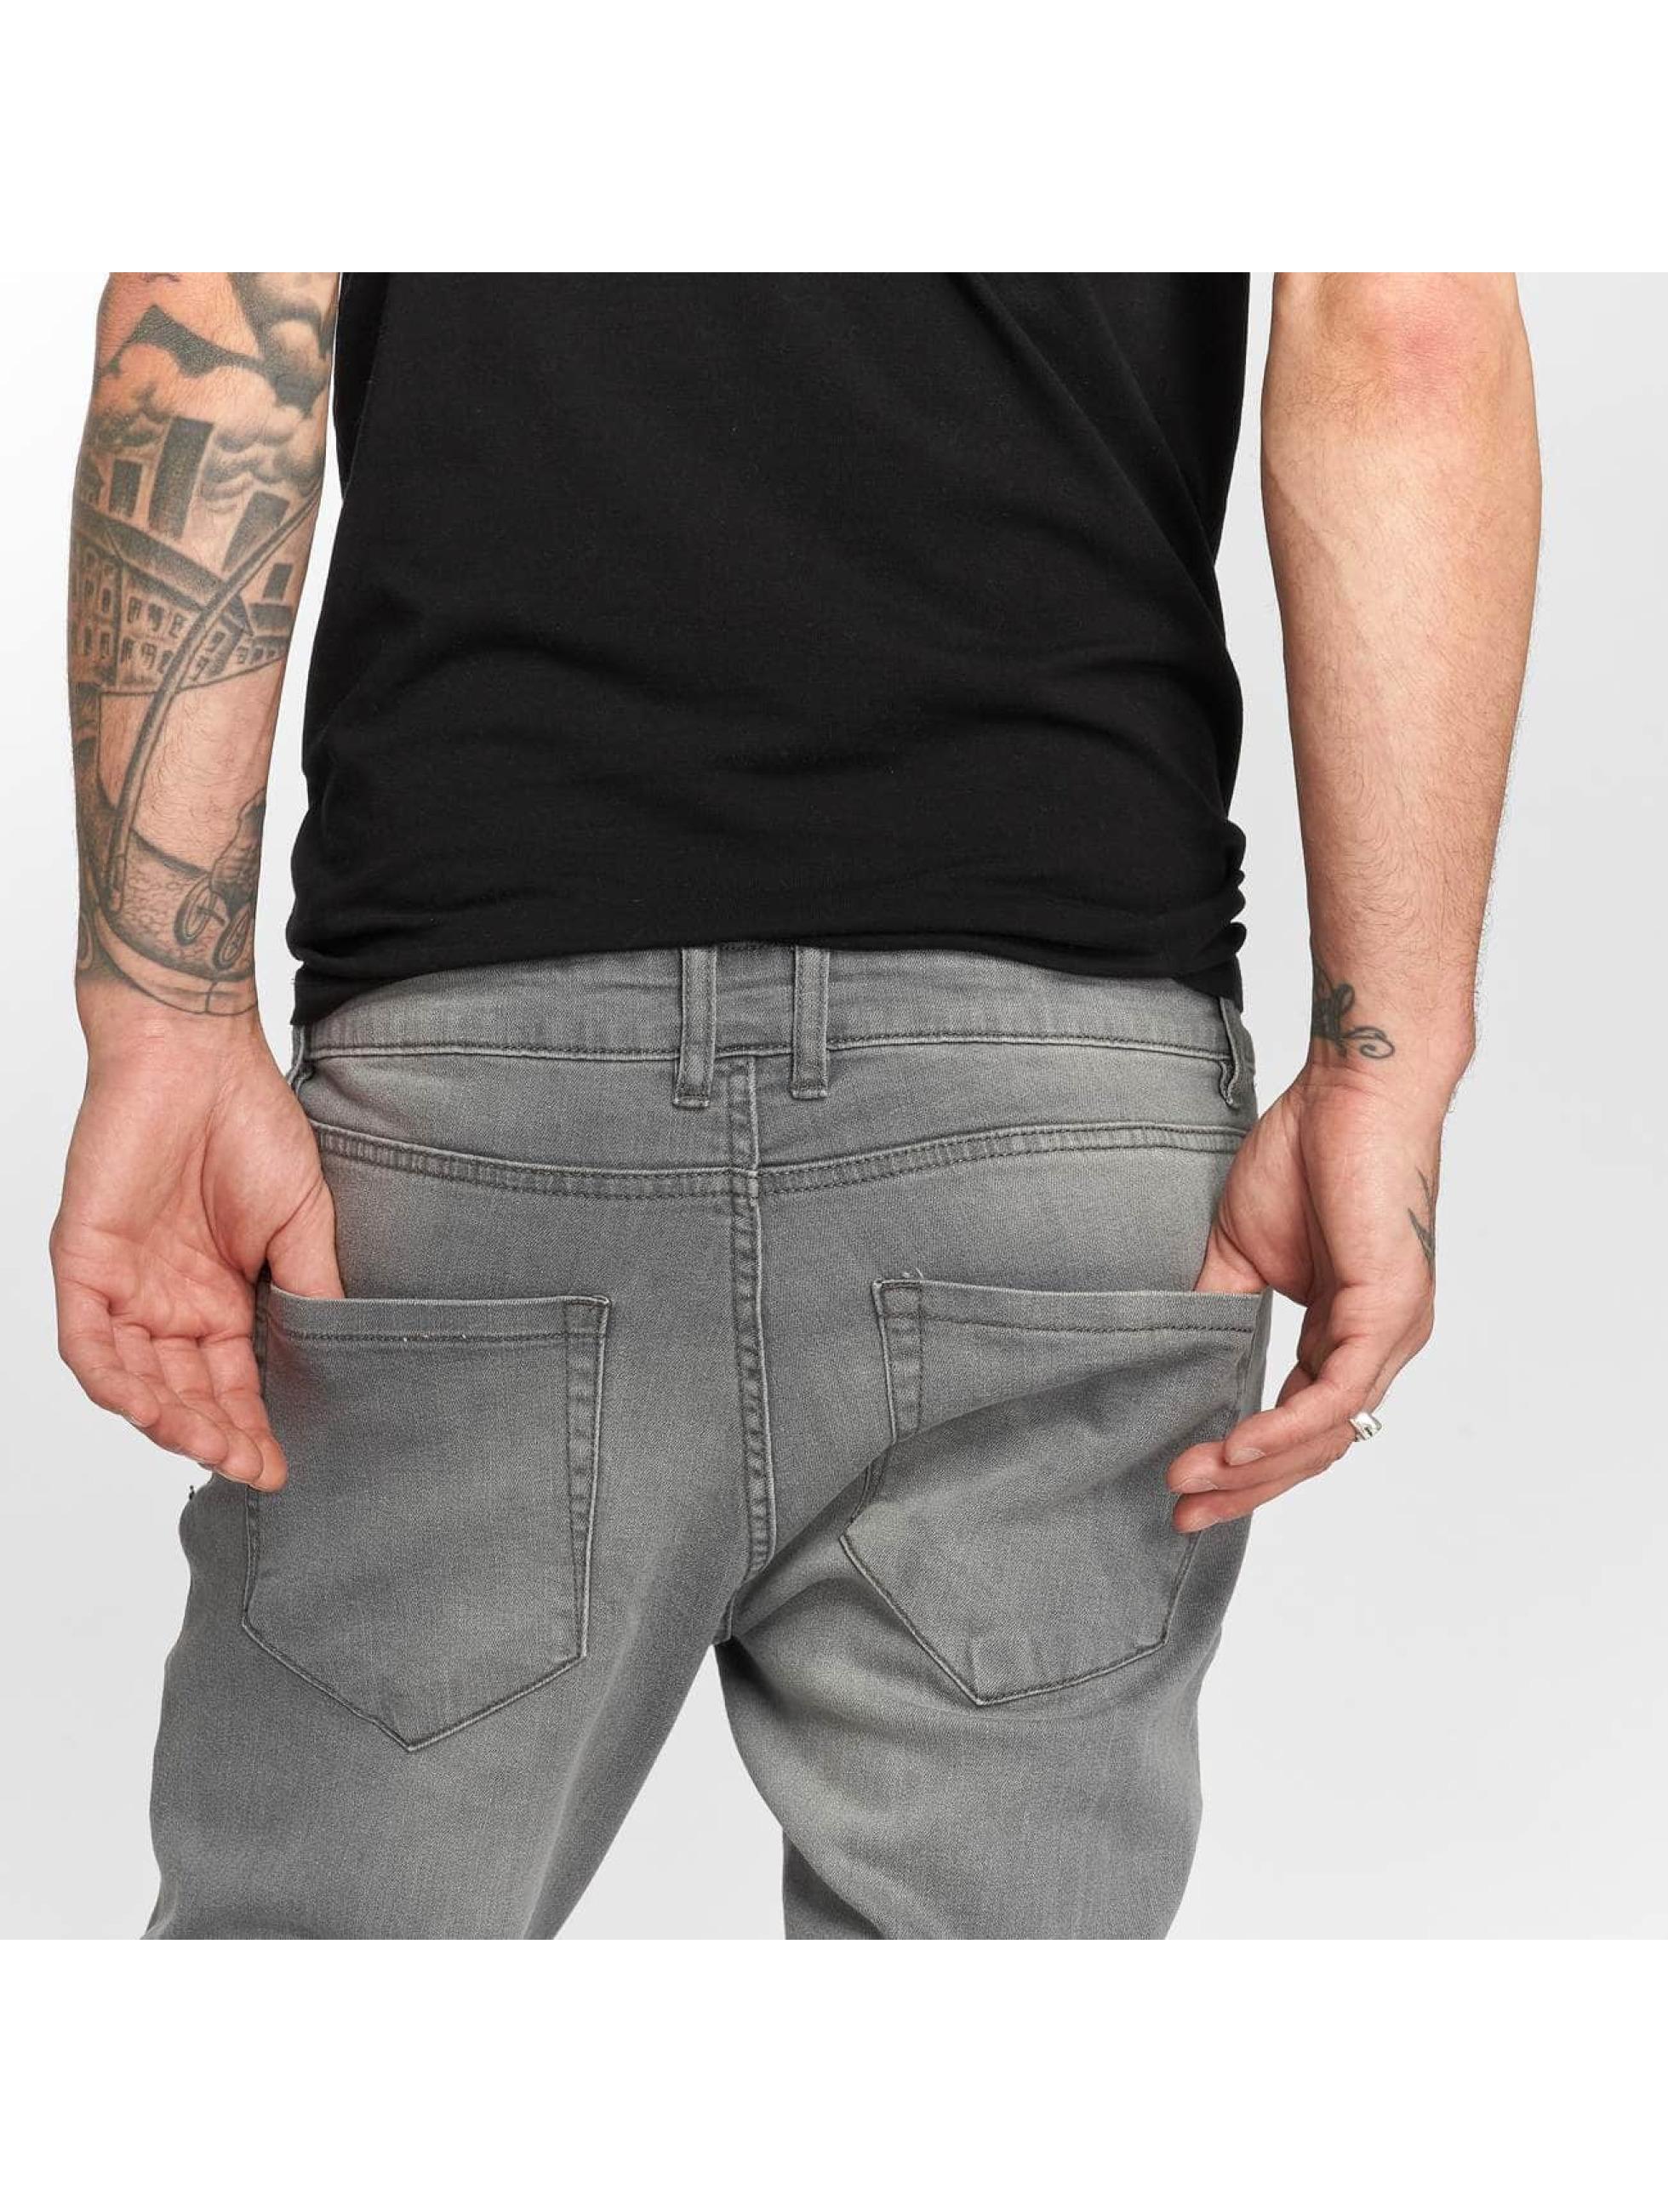 Urban Classics Slim Fit Jeans Knee Cut grijs